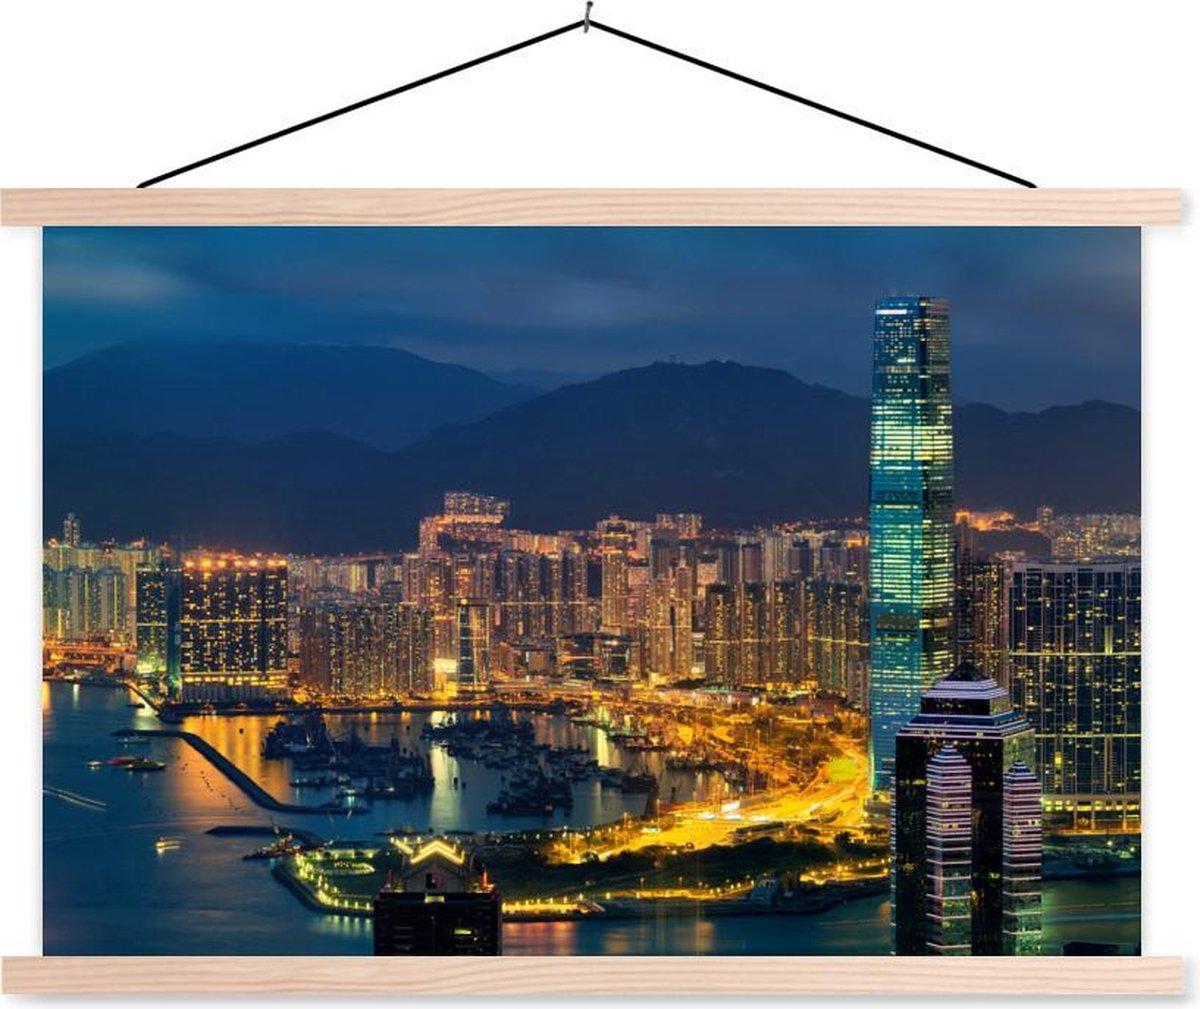 Hongkong met het International Commerce Centre in de nacht schoolplaat platte latten blank 150x100 cm - Foto print op textielposter (wanddecoratie woonkamer/slaapkamer)